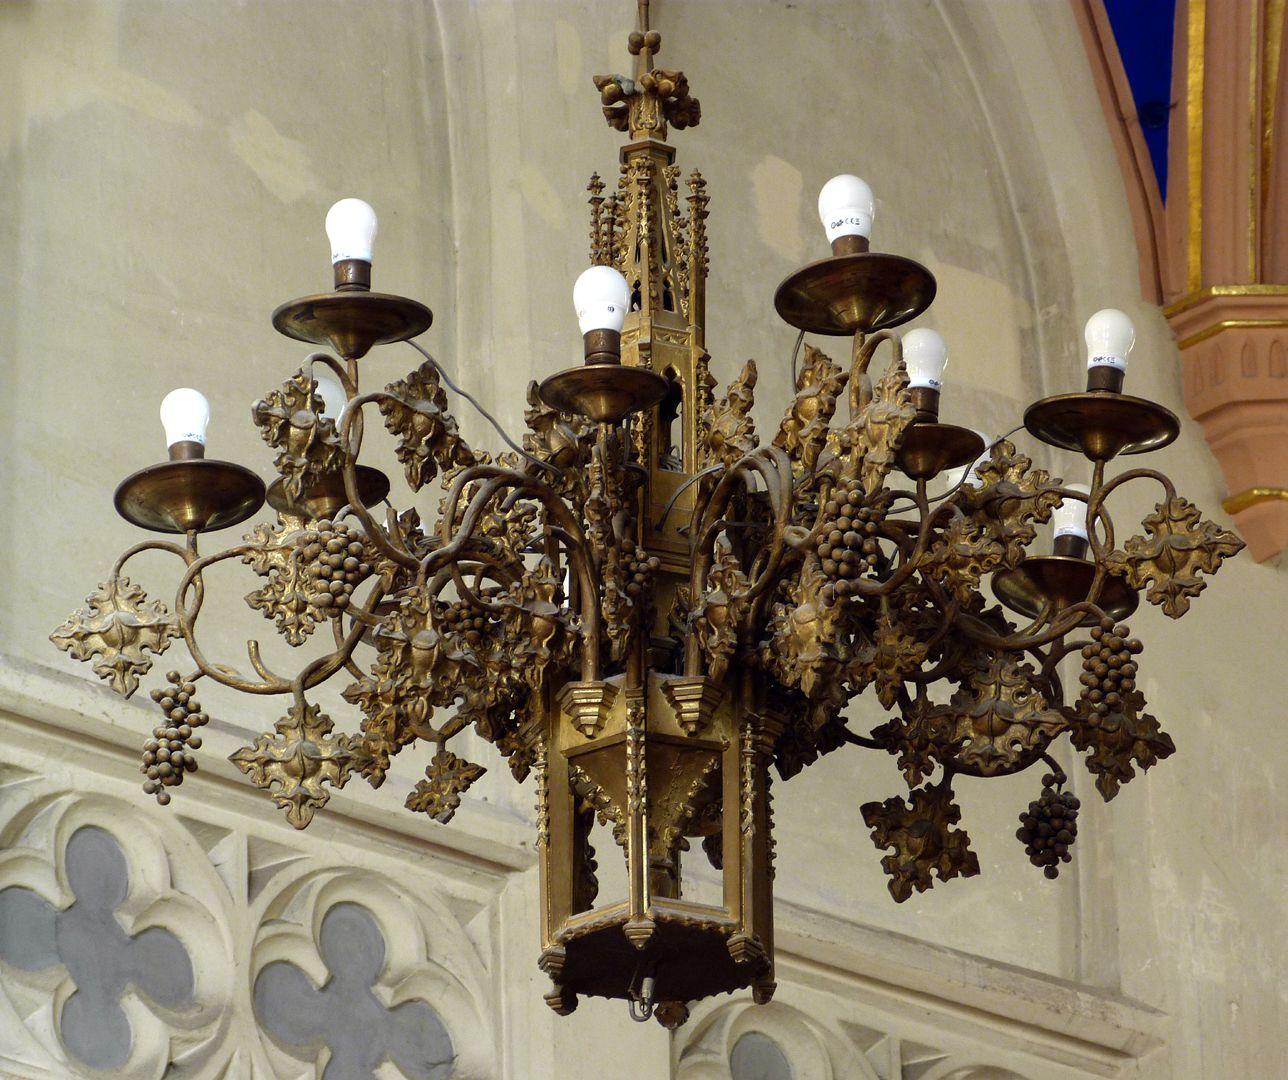 Stadtkirche St. Peter (Sonneberg) Kronleuchter im Chor